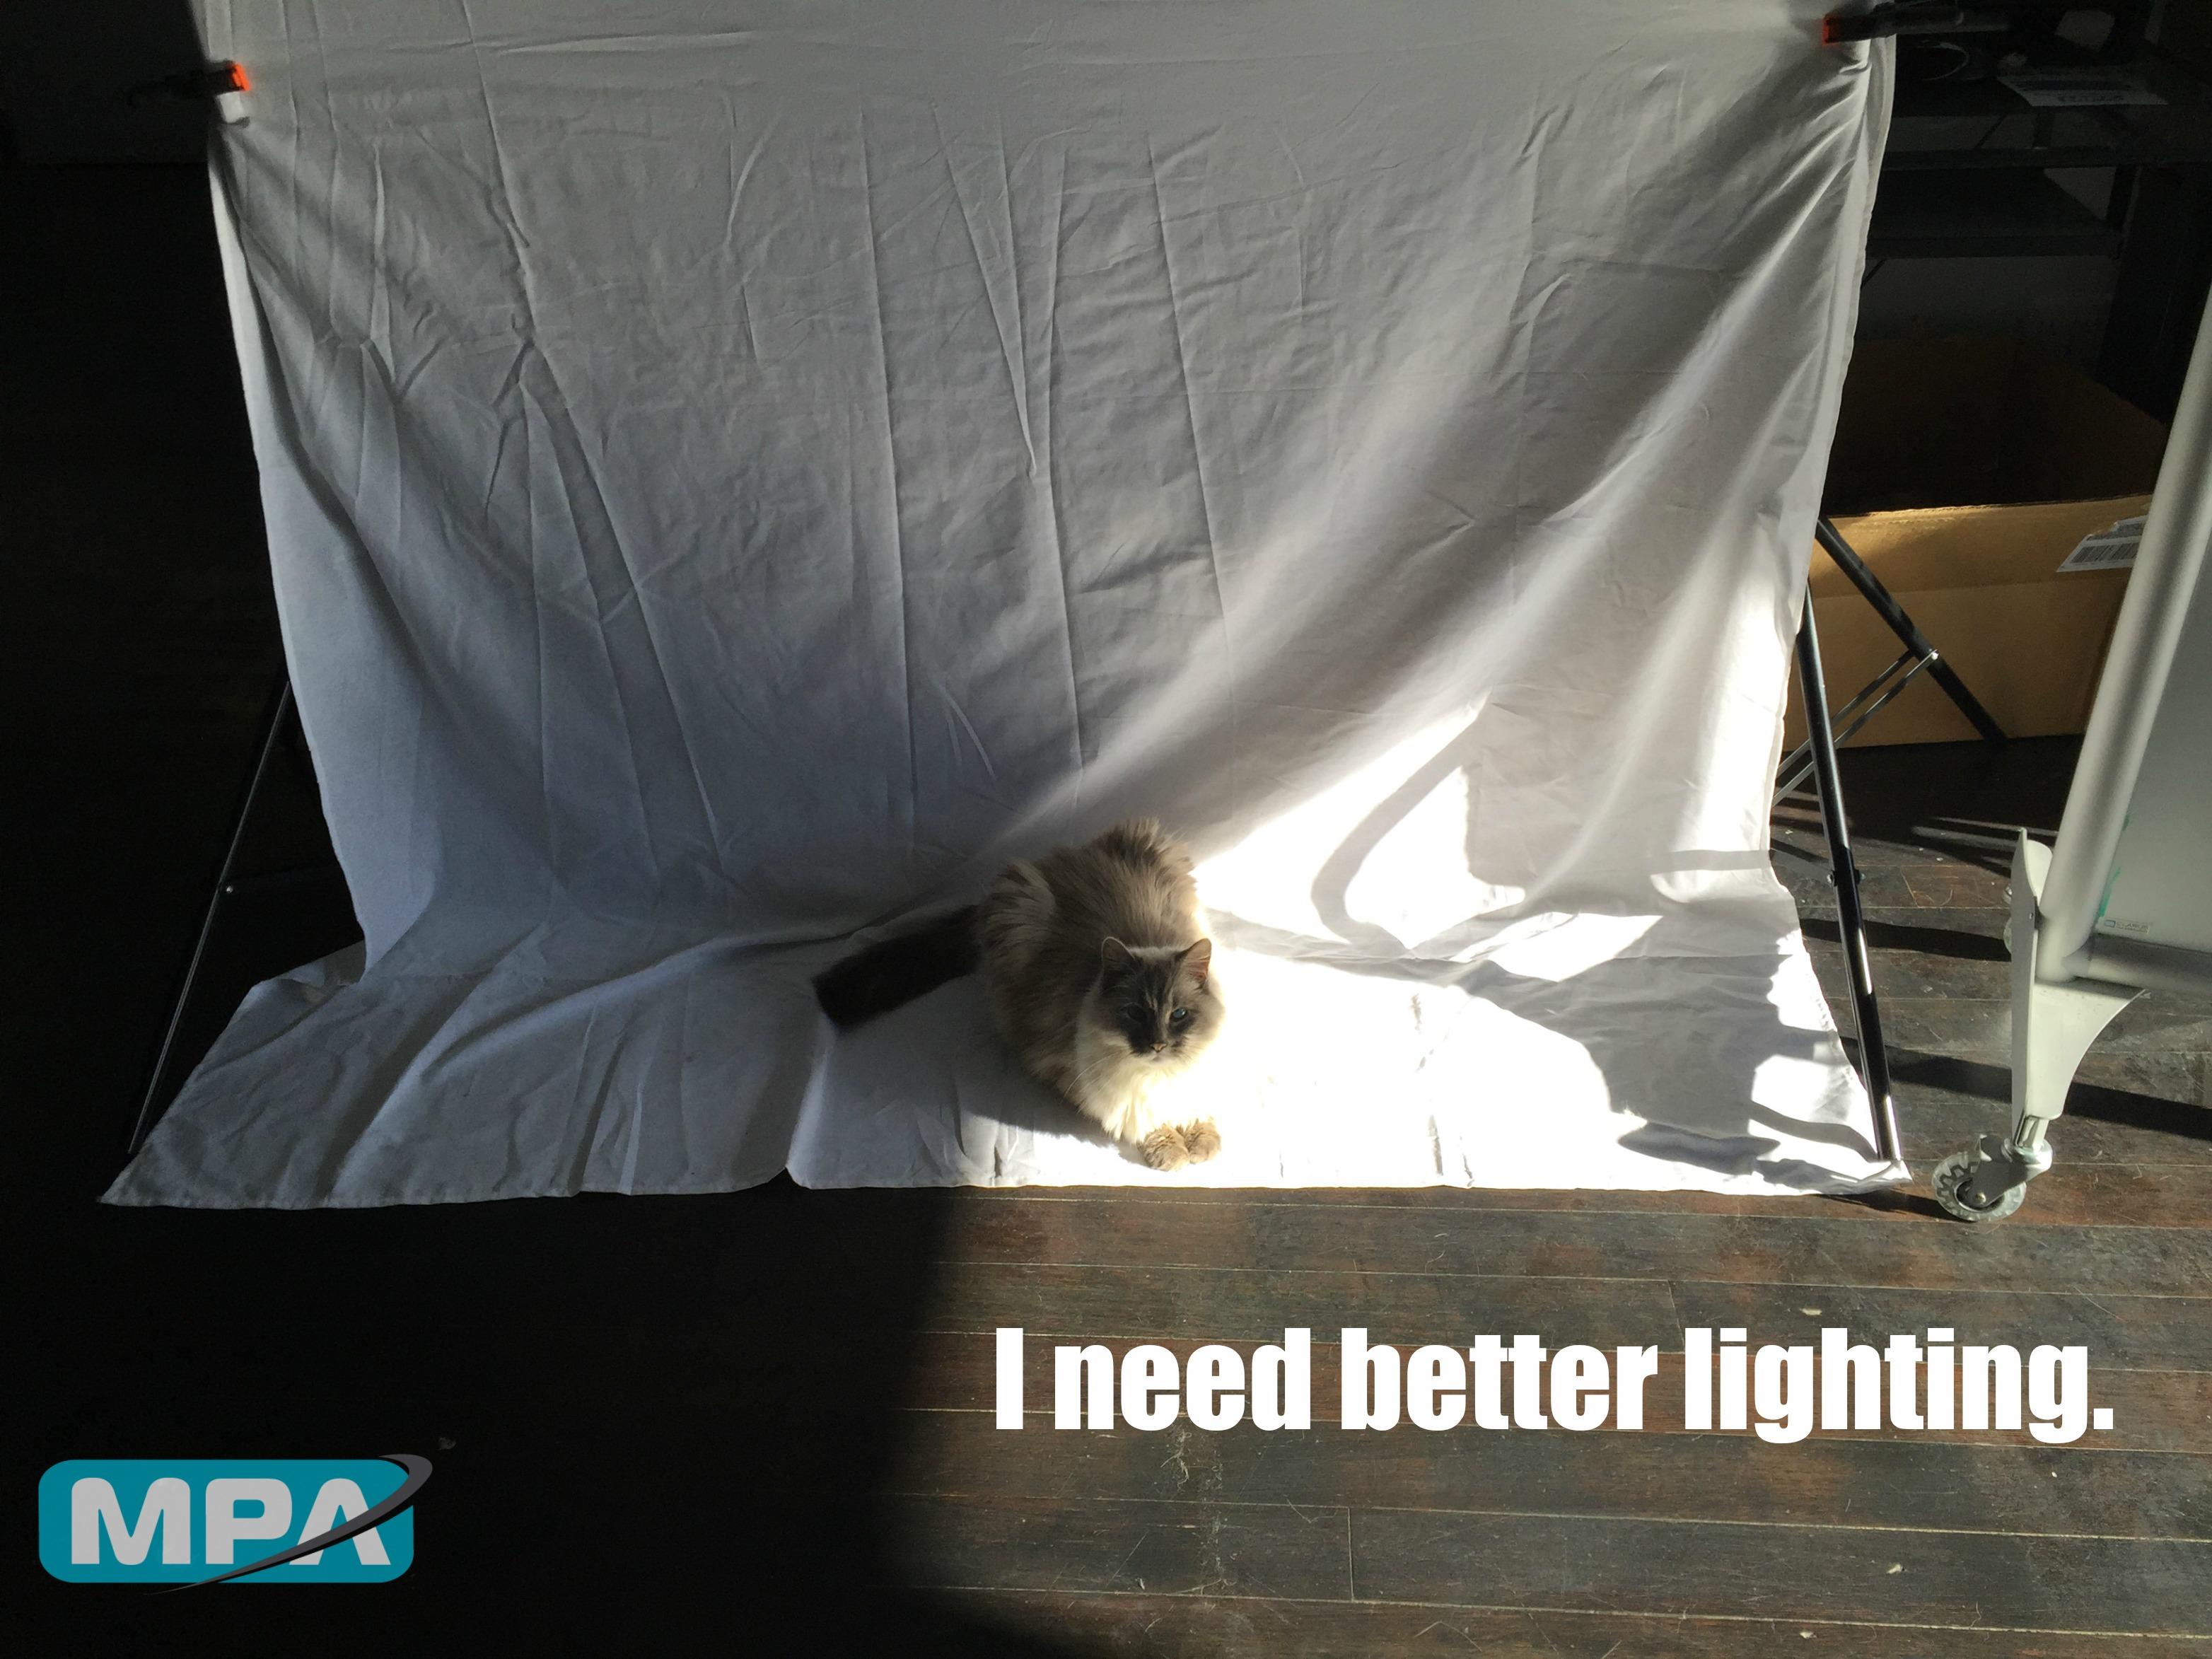 Moire needs better lighting